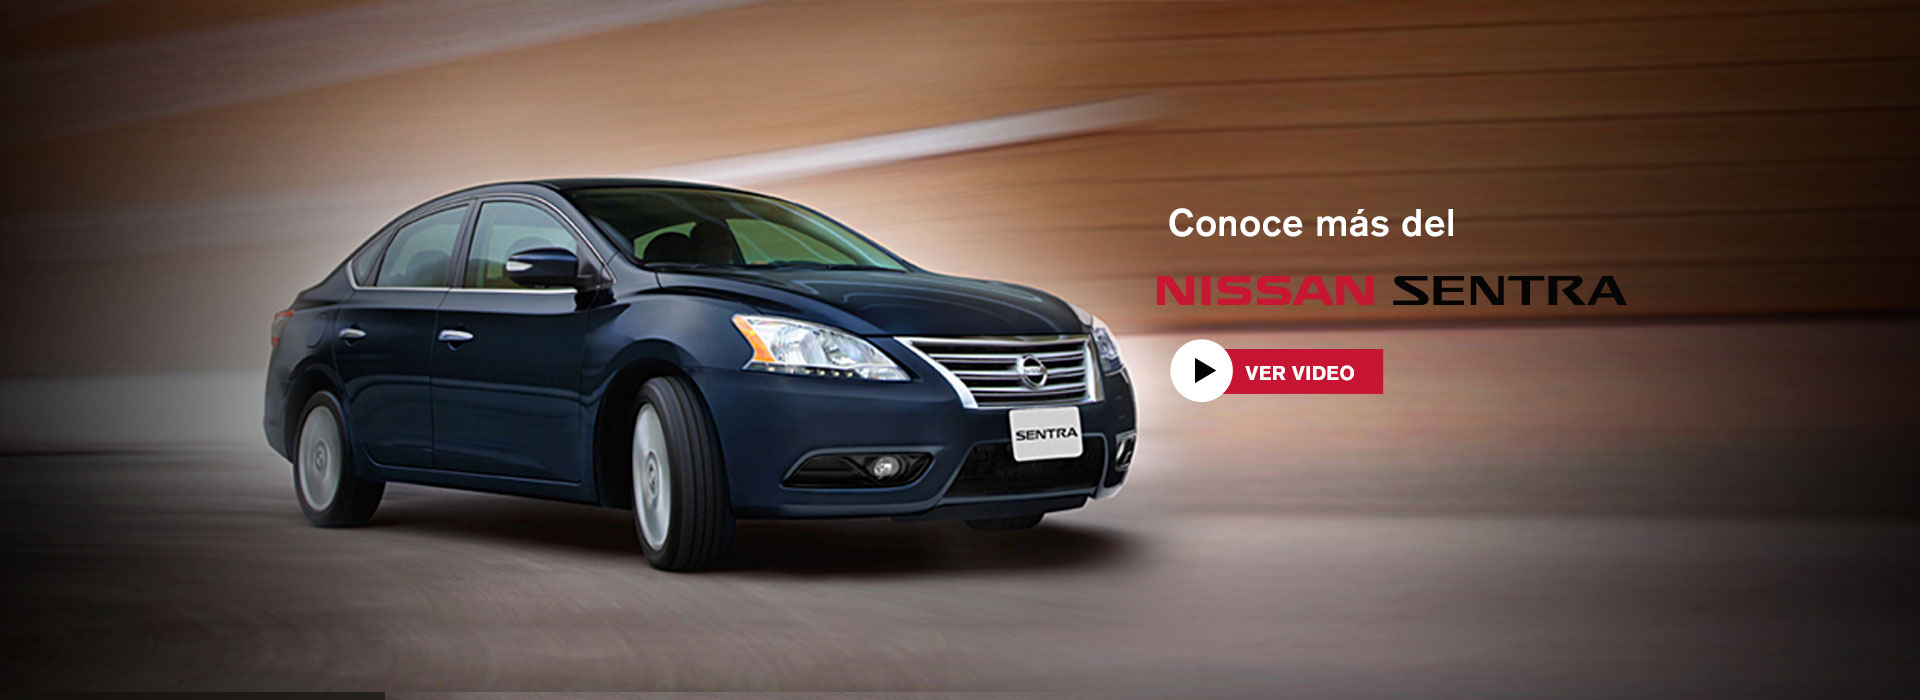 Conoce Nissan Sentra